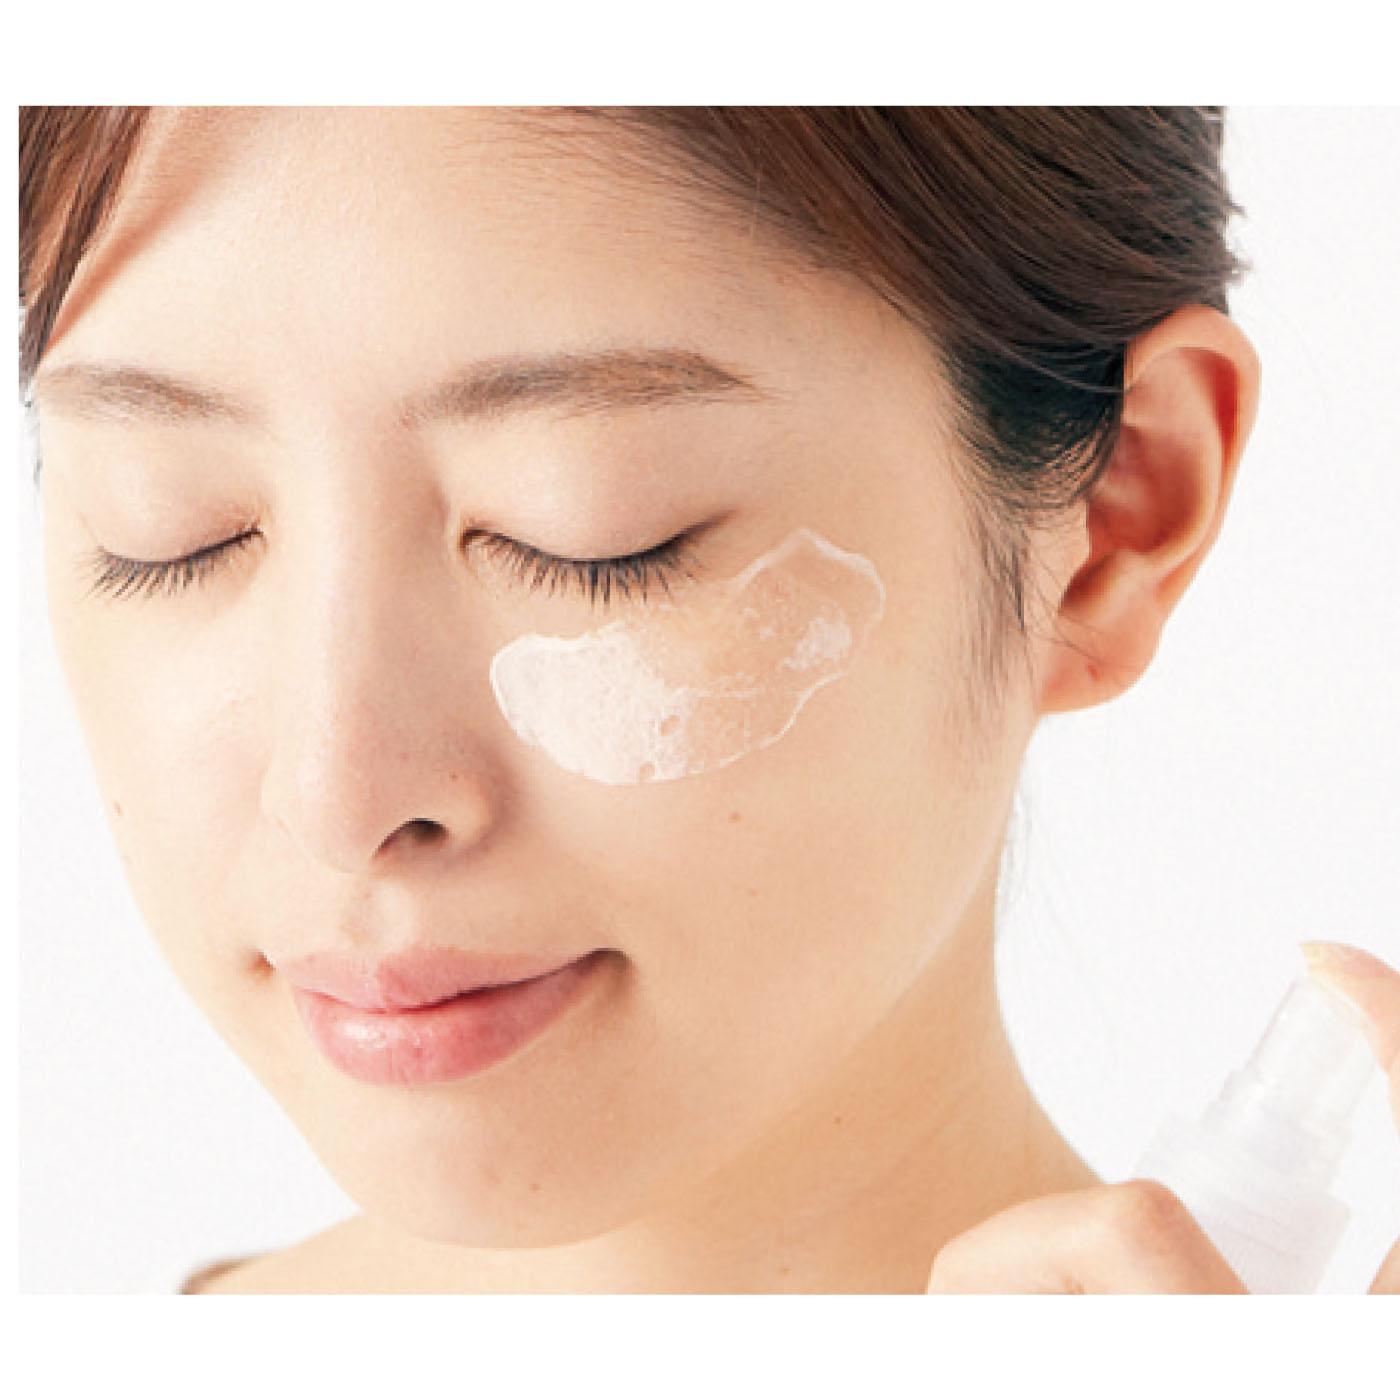 化粧水や精製水をなじませると液状に変化します。